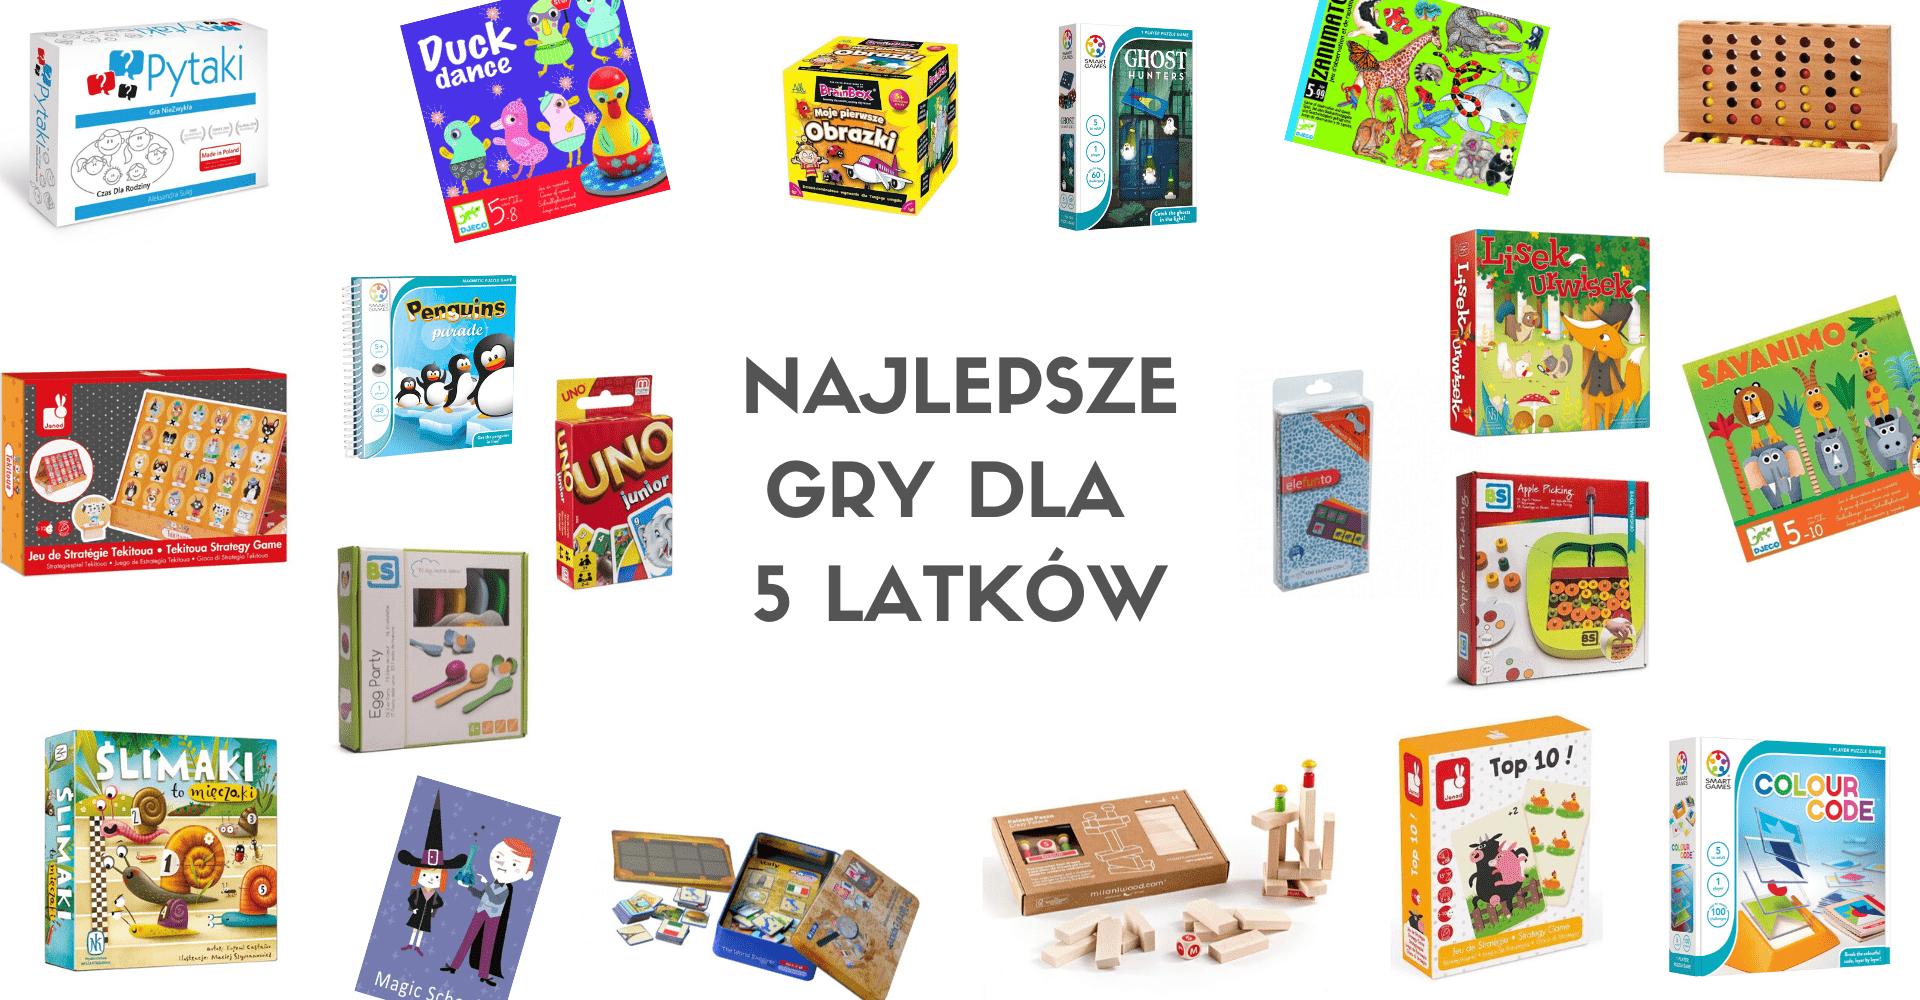 Gry dla 5 latków – najciekawsze propozycje